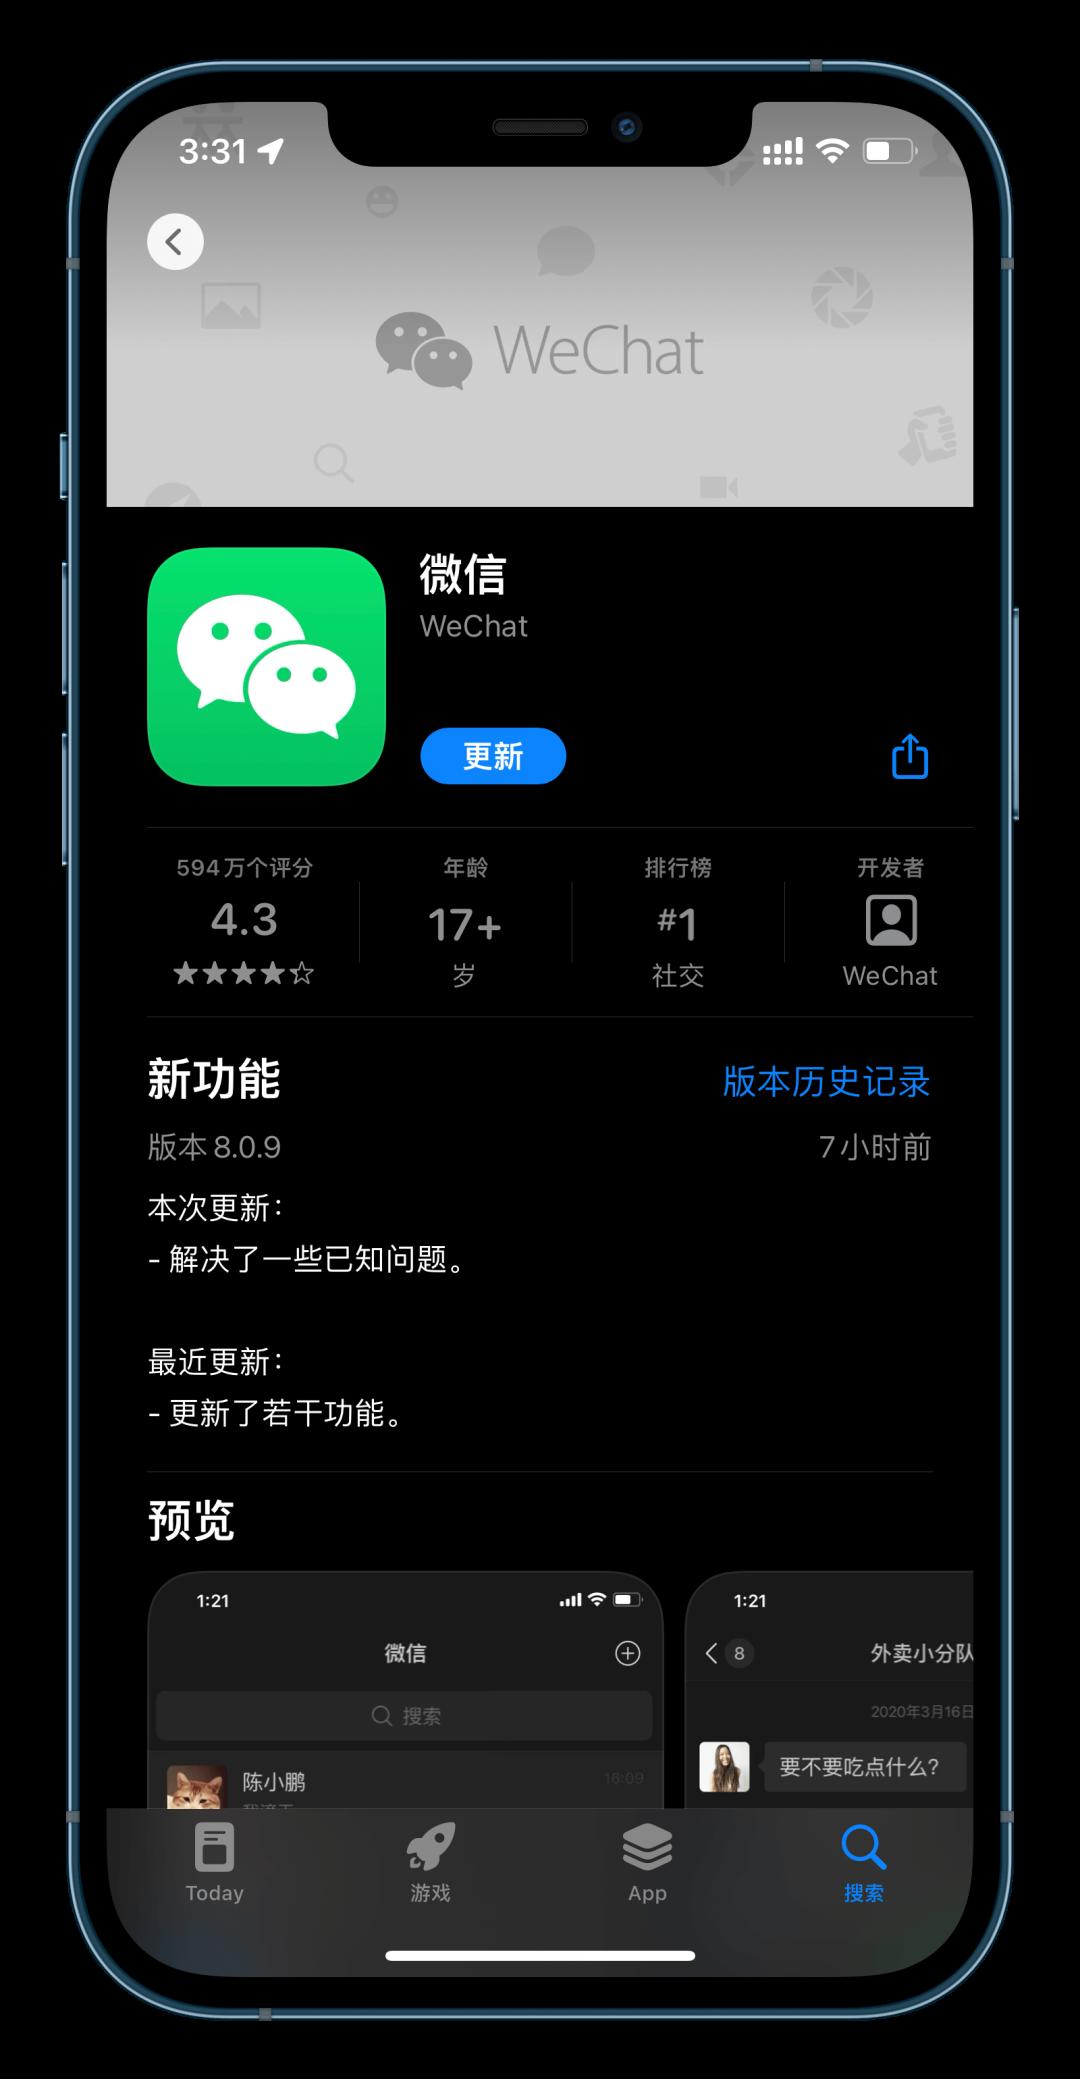 iOS 微信更新 v8.0.9,修复问题,Callkit 仍未上线-盘仙人